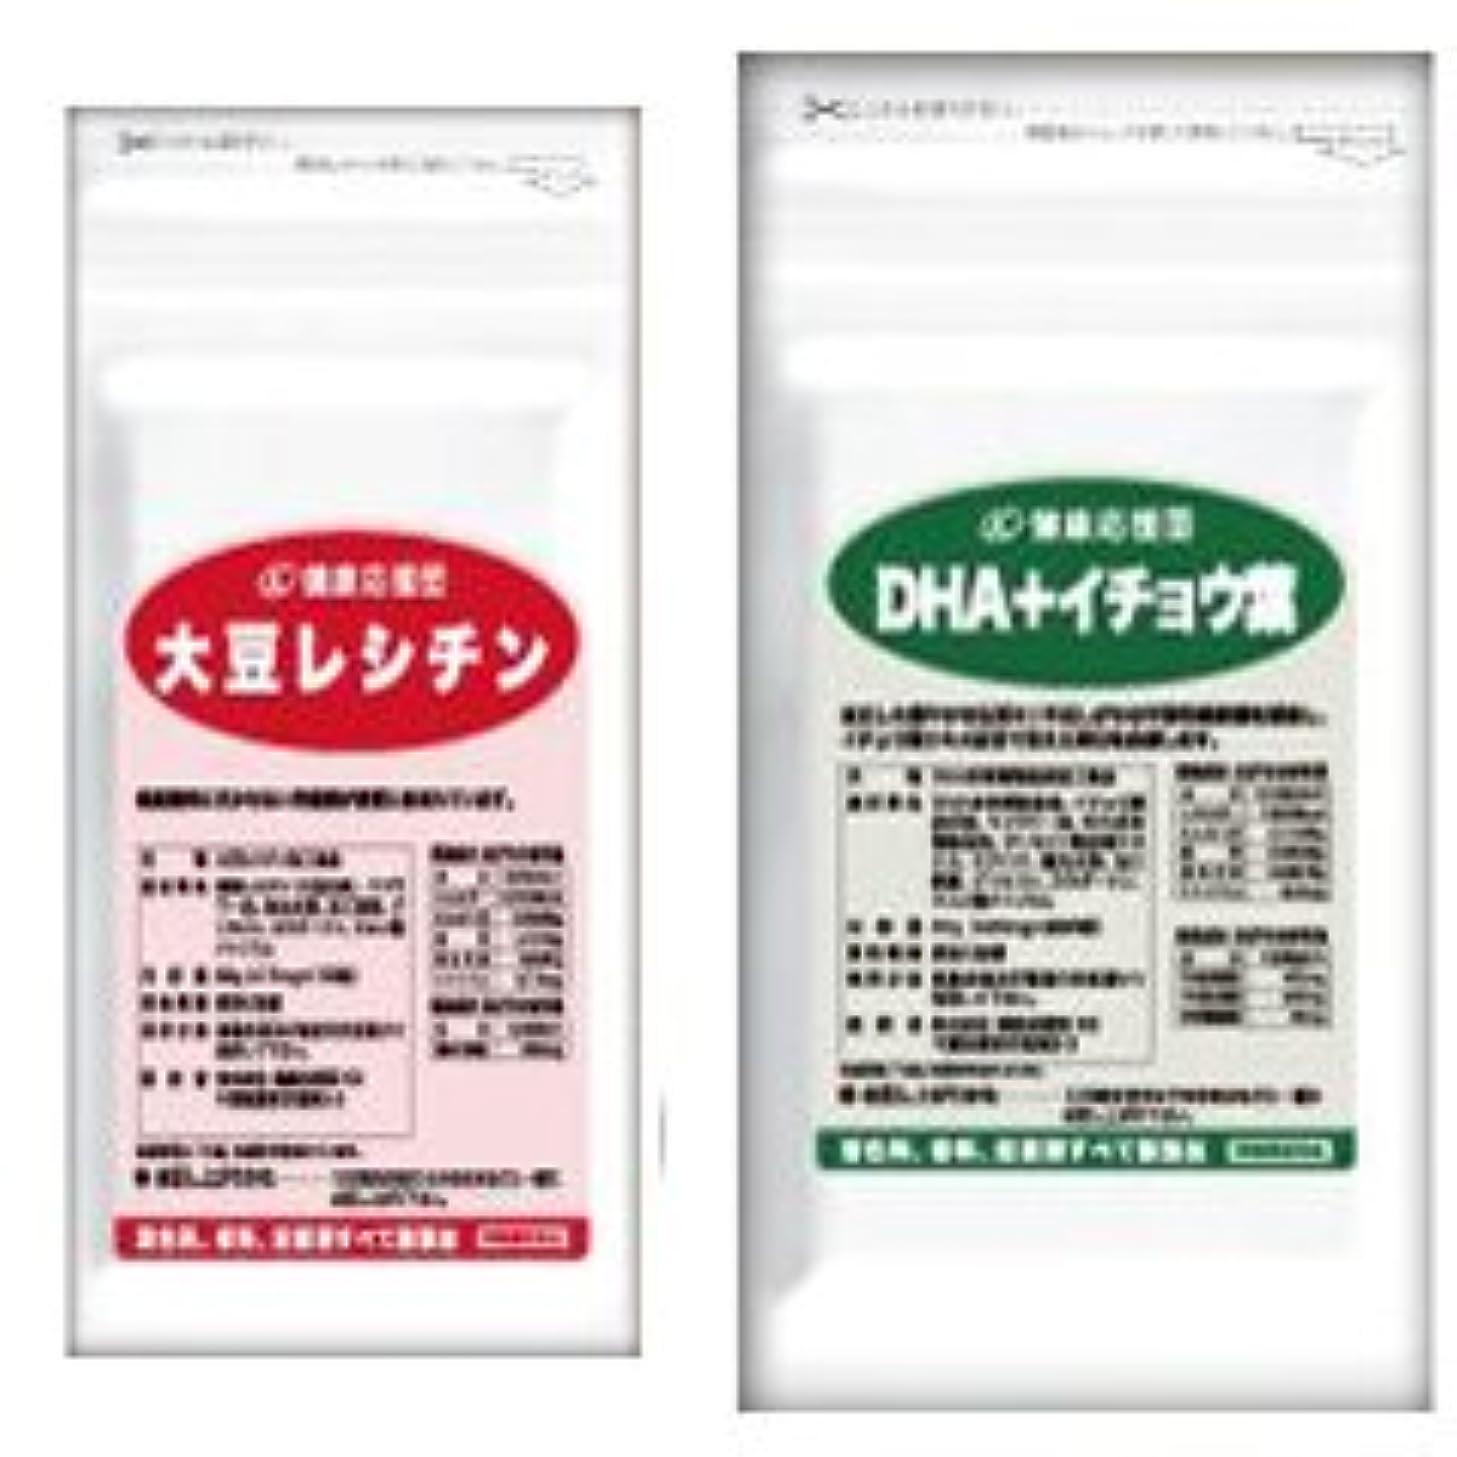 サポート藤色胆嚢(お徳用3か月分)流れサラサラセット 大豆レシチン+(DHA+イチョウ葉)3袋&3袋セット(DHA?EPA?イチョウ葉)